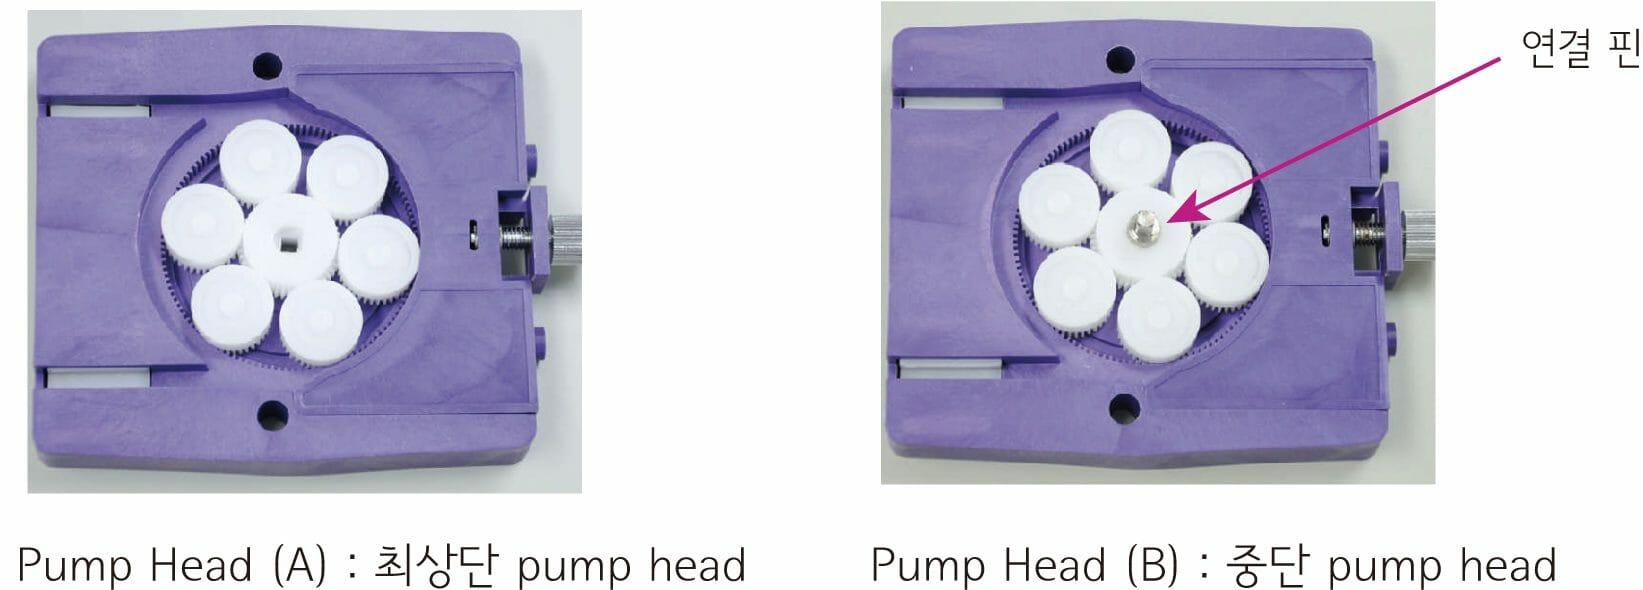 pump head 비교